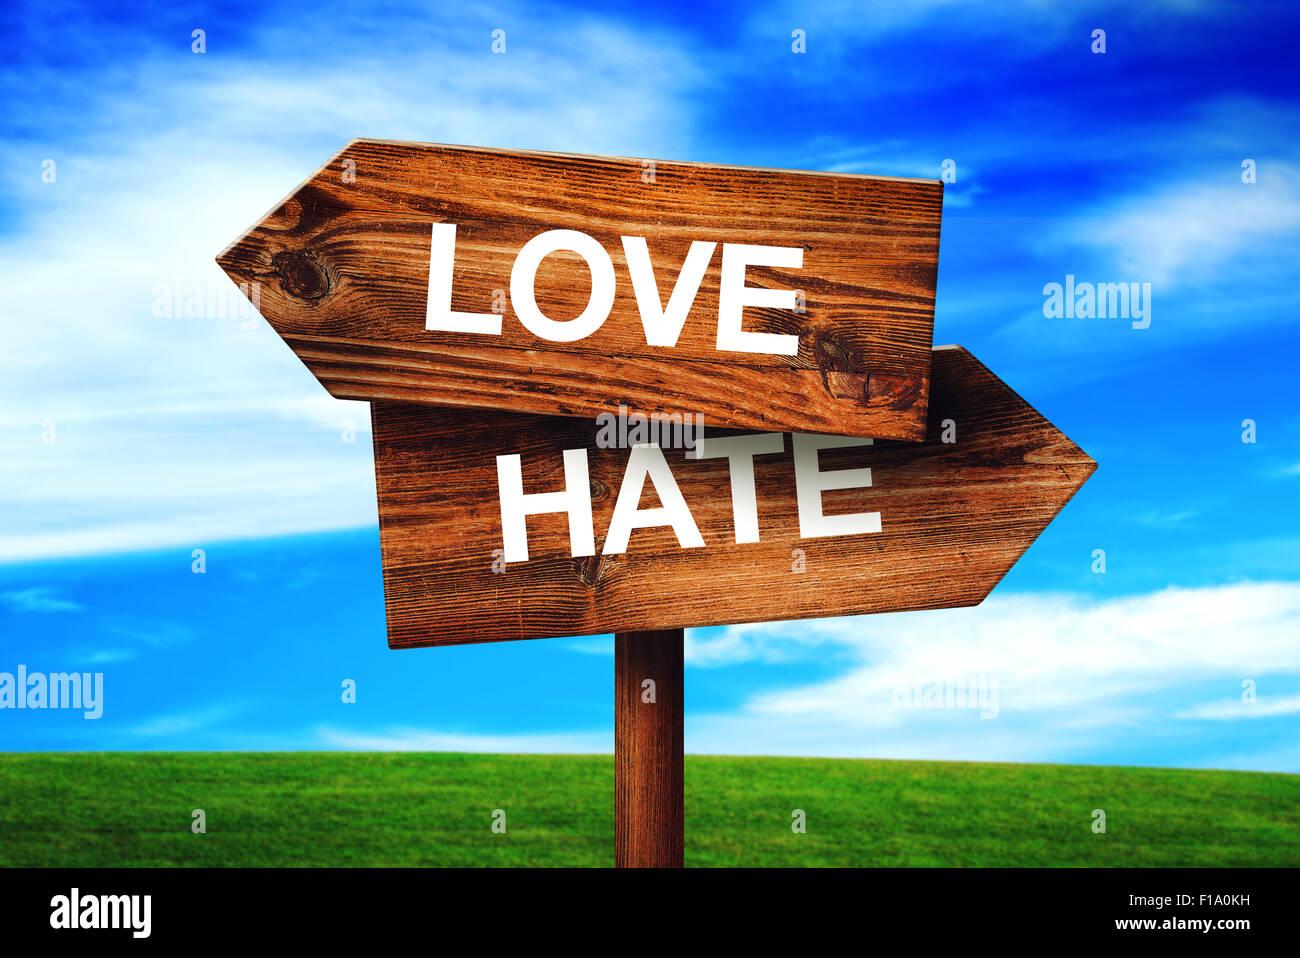 L'amour ou la haine, la notion de choix d'orientation l'orientation d'herbage et de ciel bleu en Photo Stock